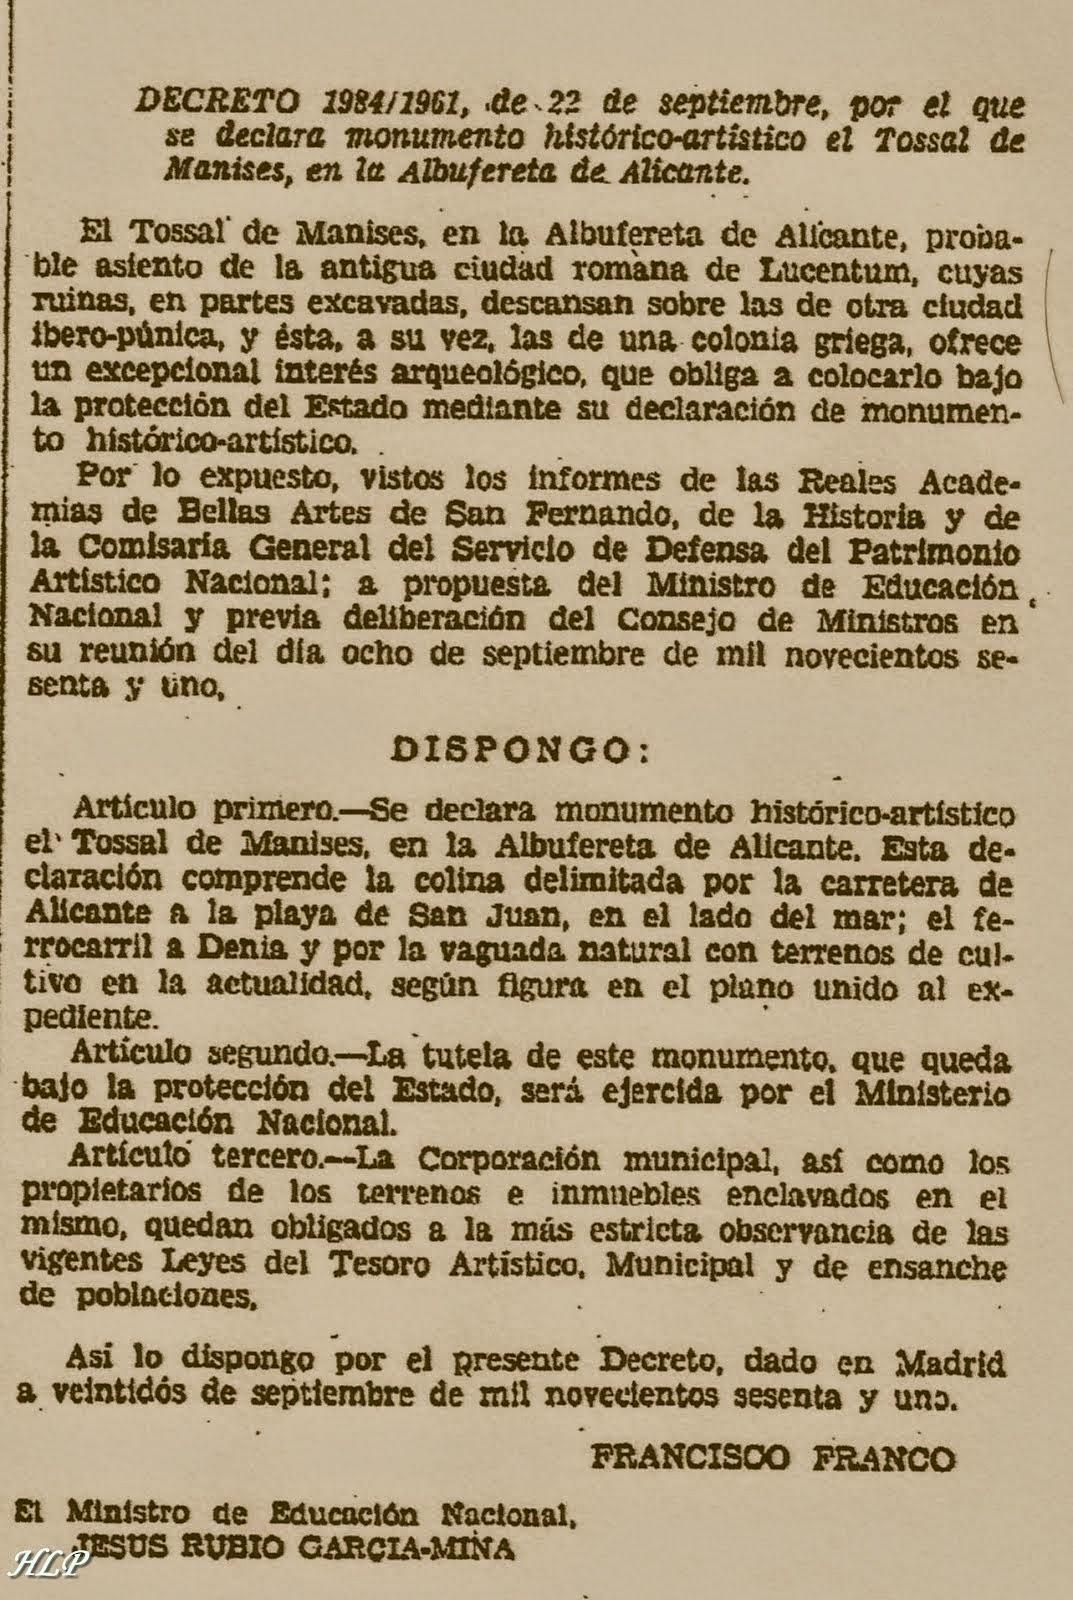 22 de Septiembre de 1961. Declaración de monumento-artistico